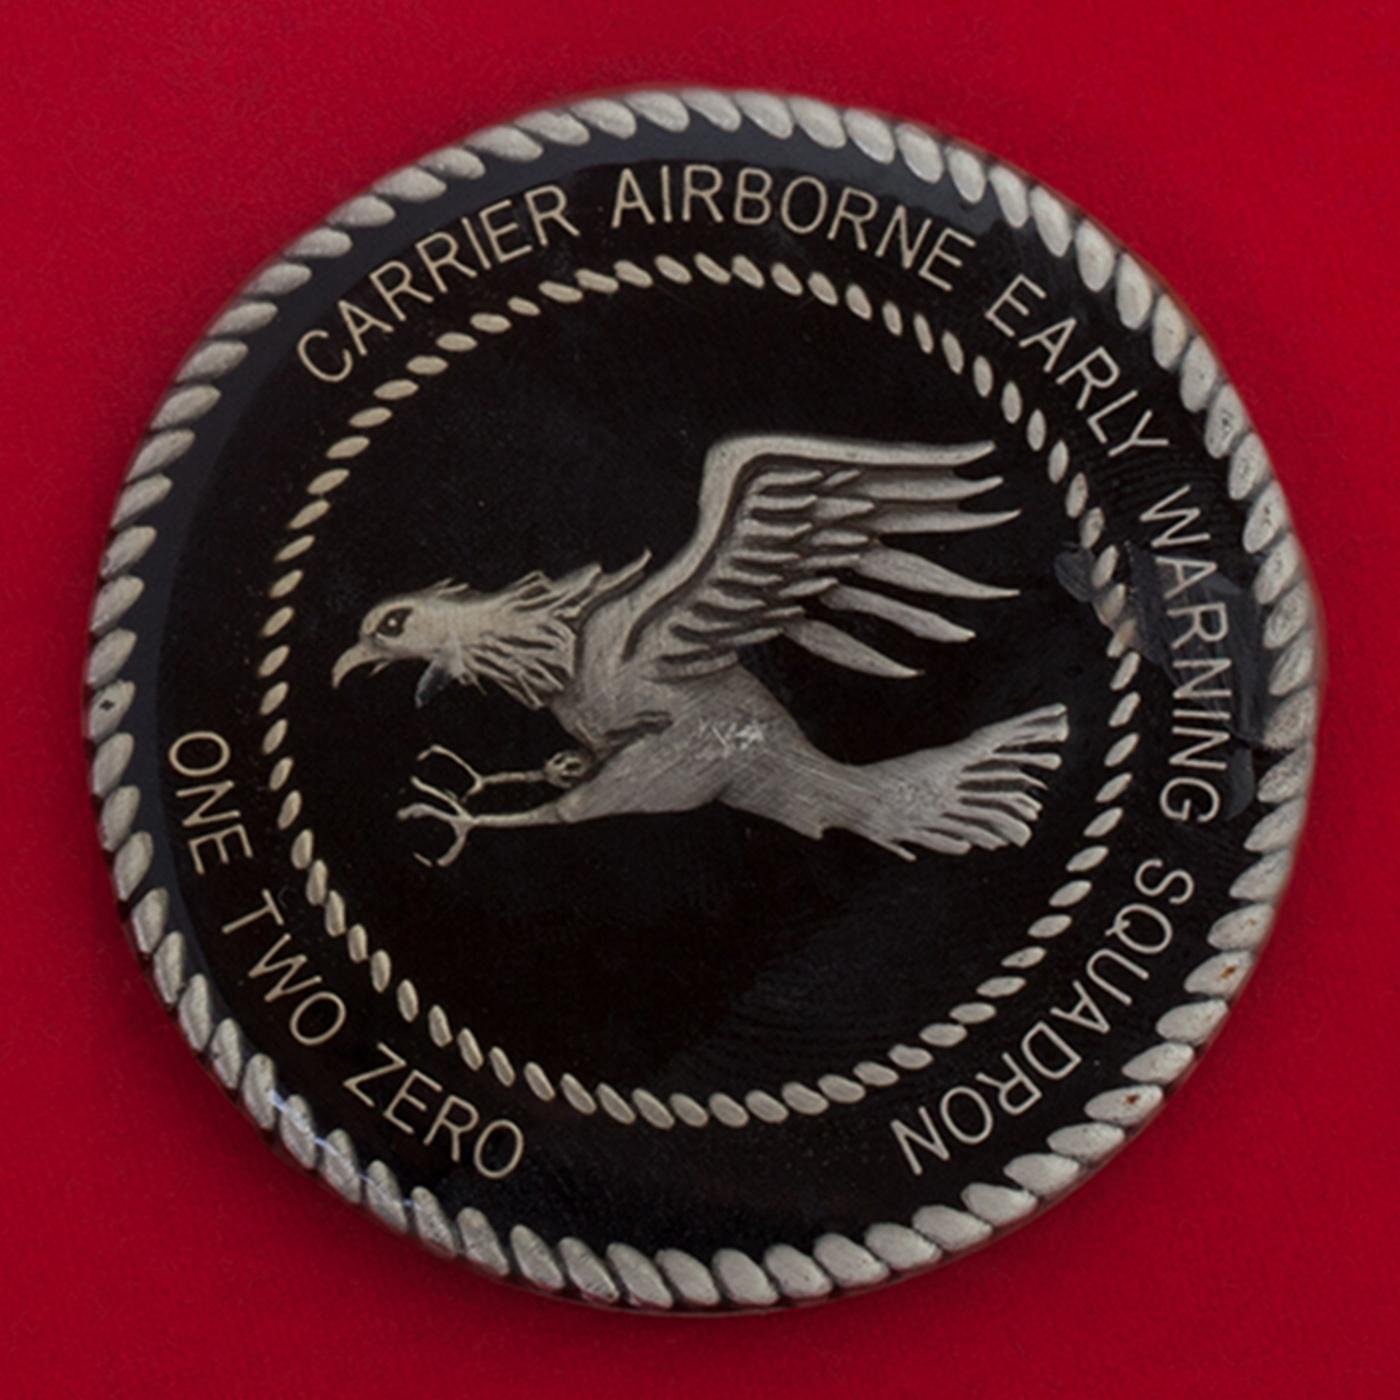 Челлендж коин 120-й эскадрильи палубной авиации ДРЛО ВМС США